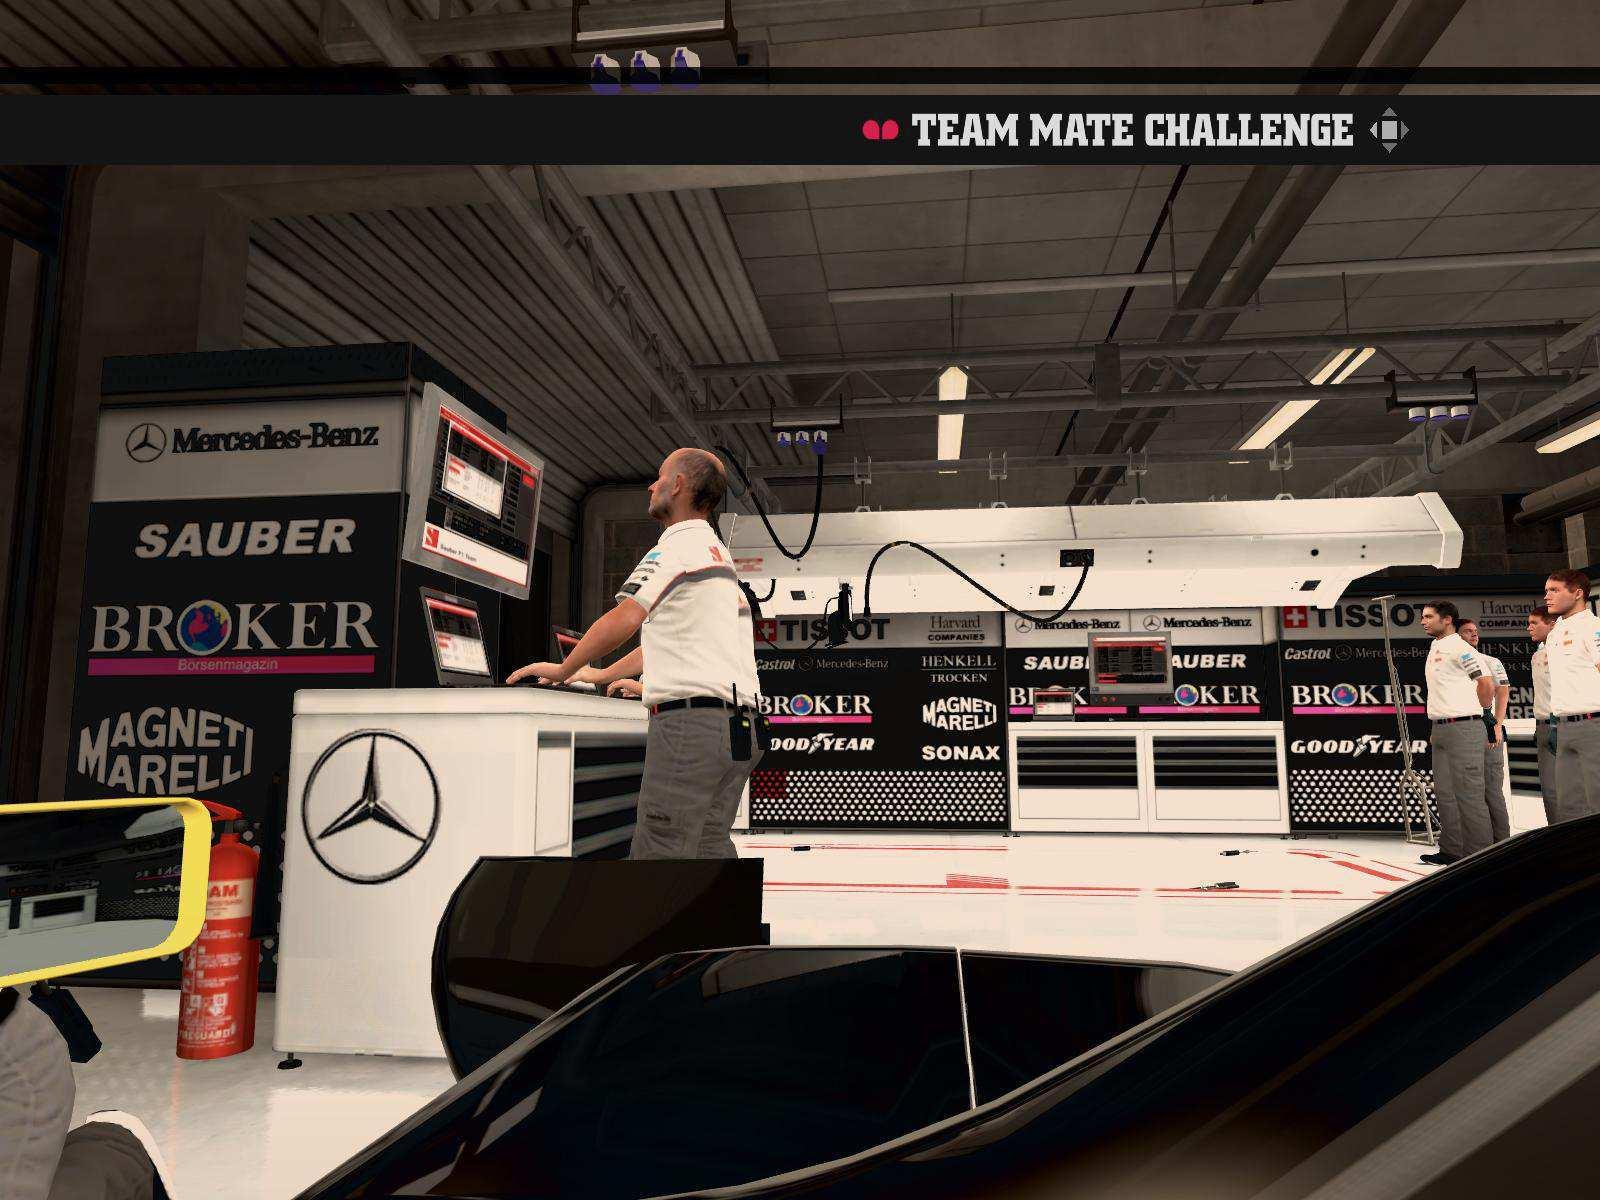 garage_Sauber 94-3-M.jpg